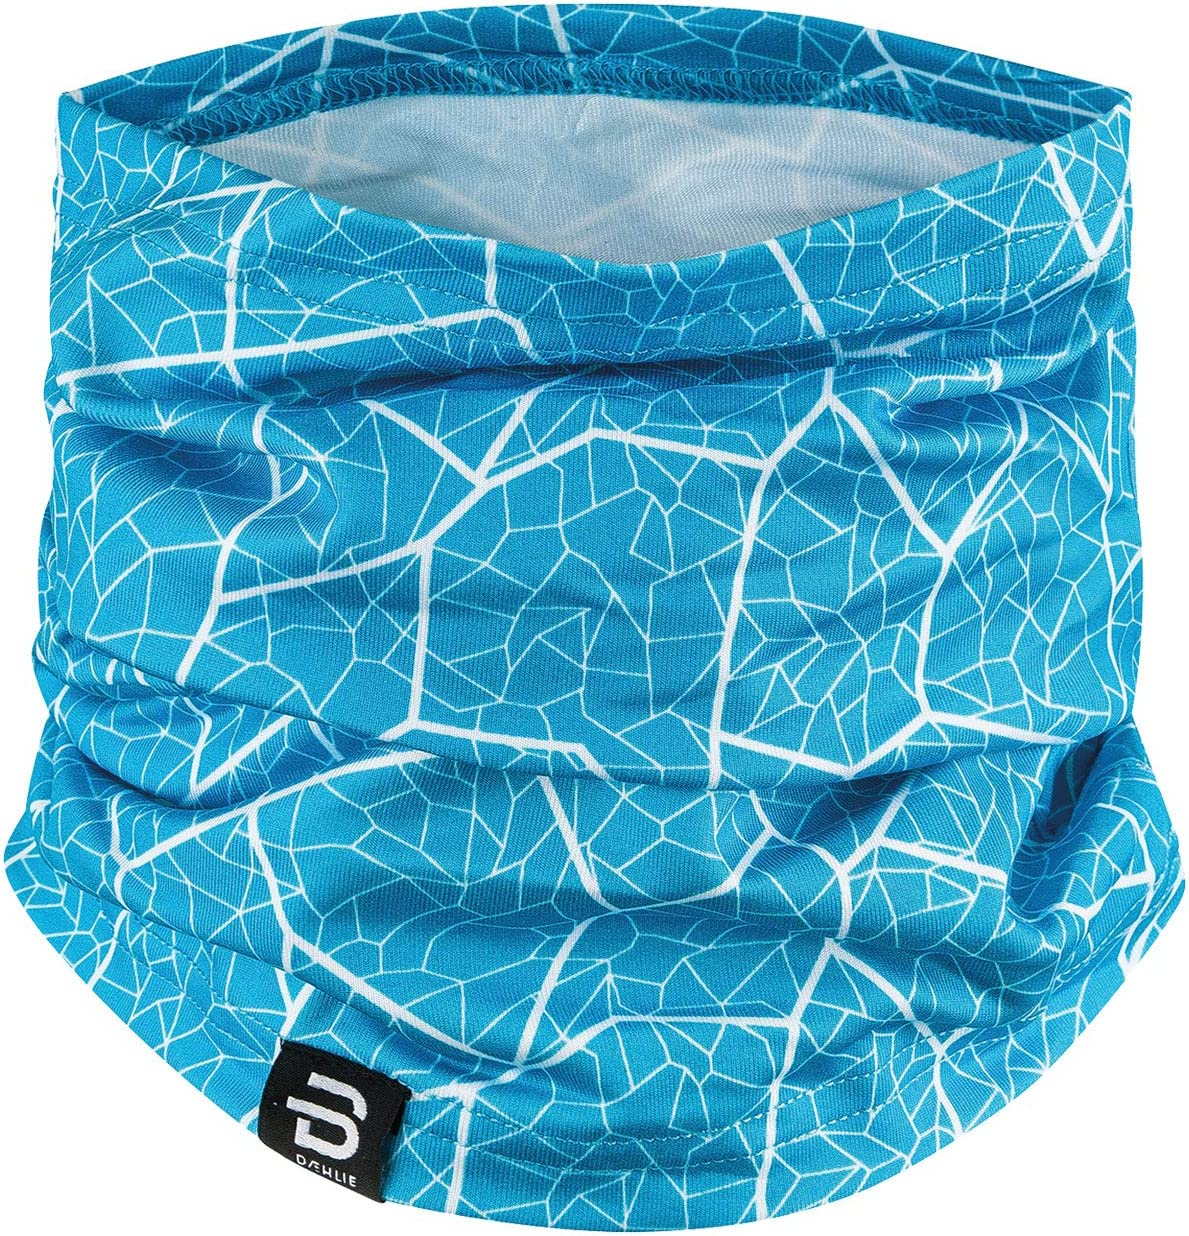 Artikel:-25300 estate blue Farbe:Blau Bj/örn Daehlie Unisex Multifunktionstuch Schlauchschal Tuch Schal Gaitor Duell 332641